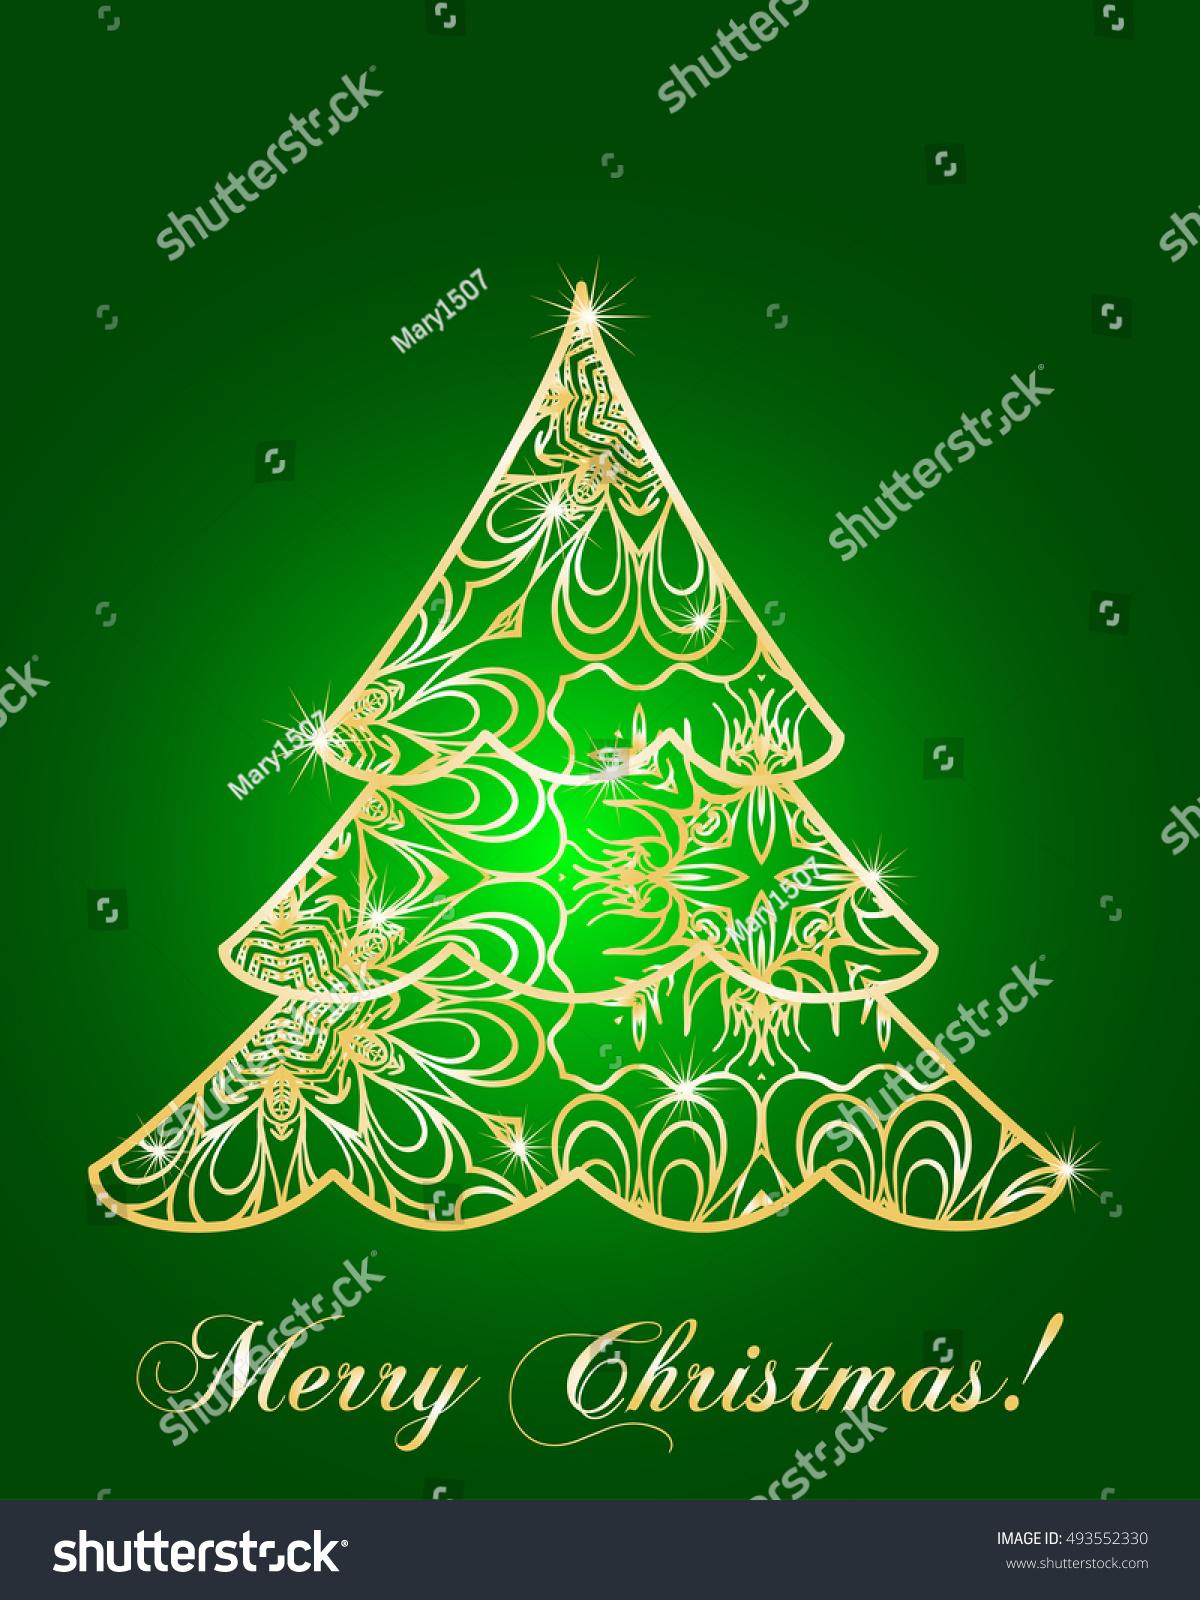 Stylized christmas tree on decorative background stock